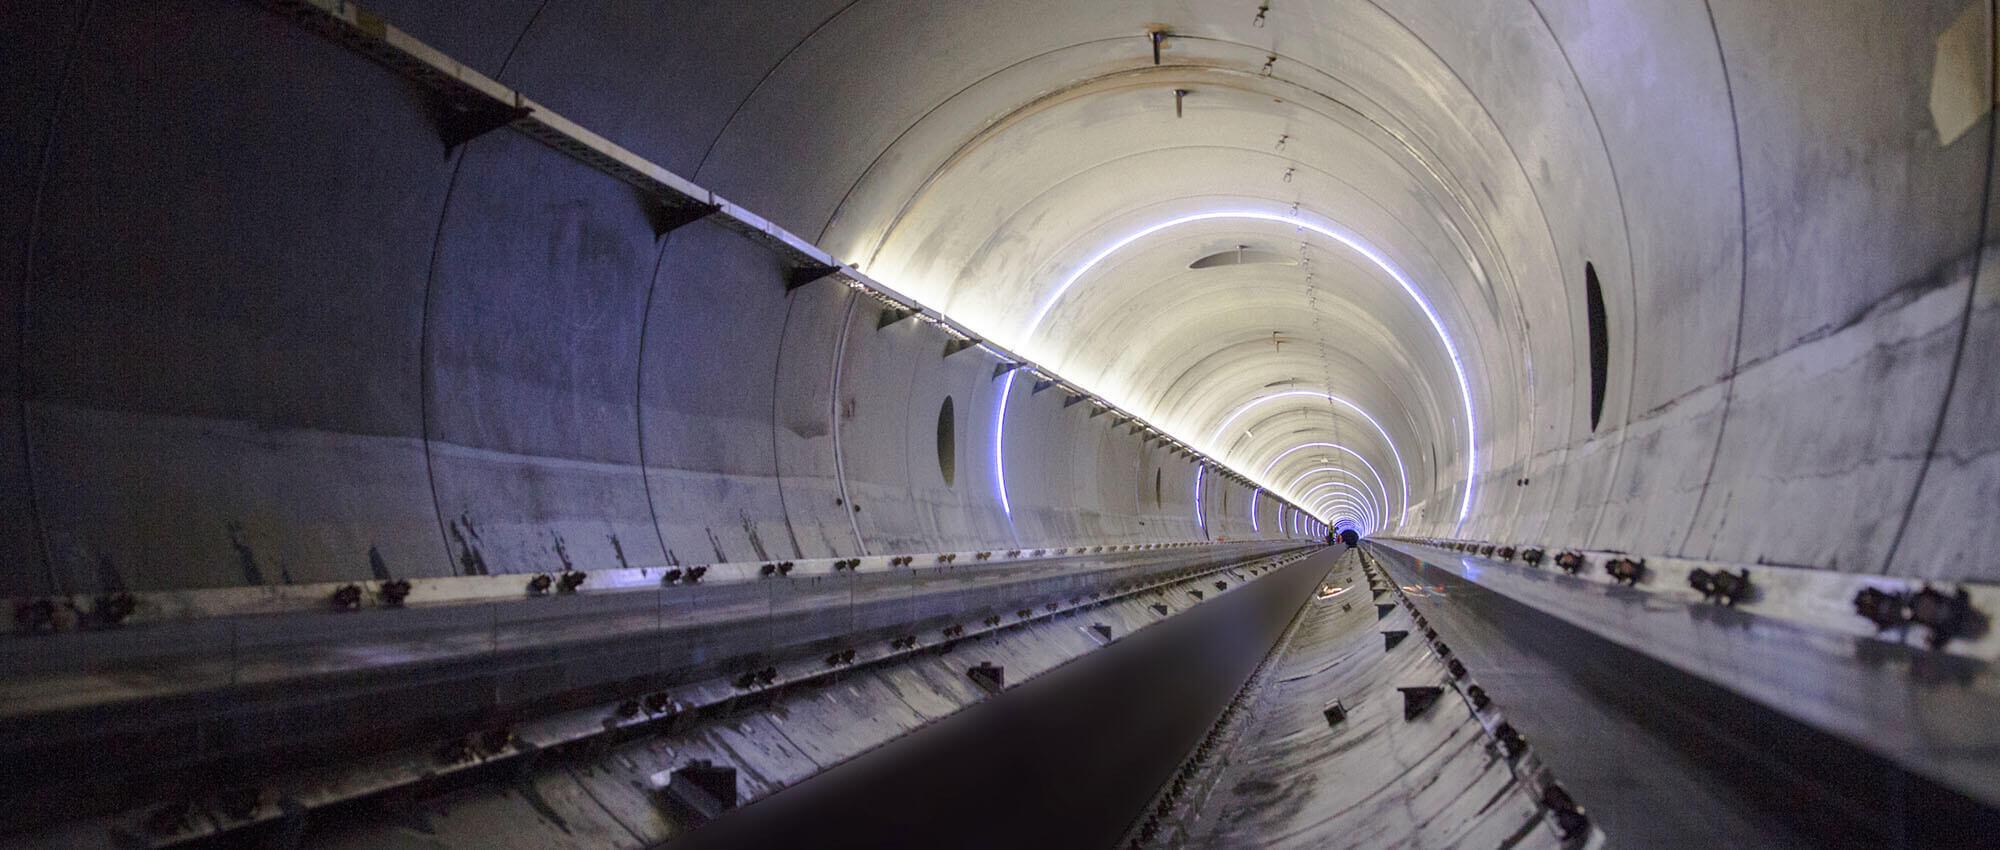 Tunnel d'essai de l'Hyperloop One